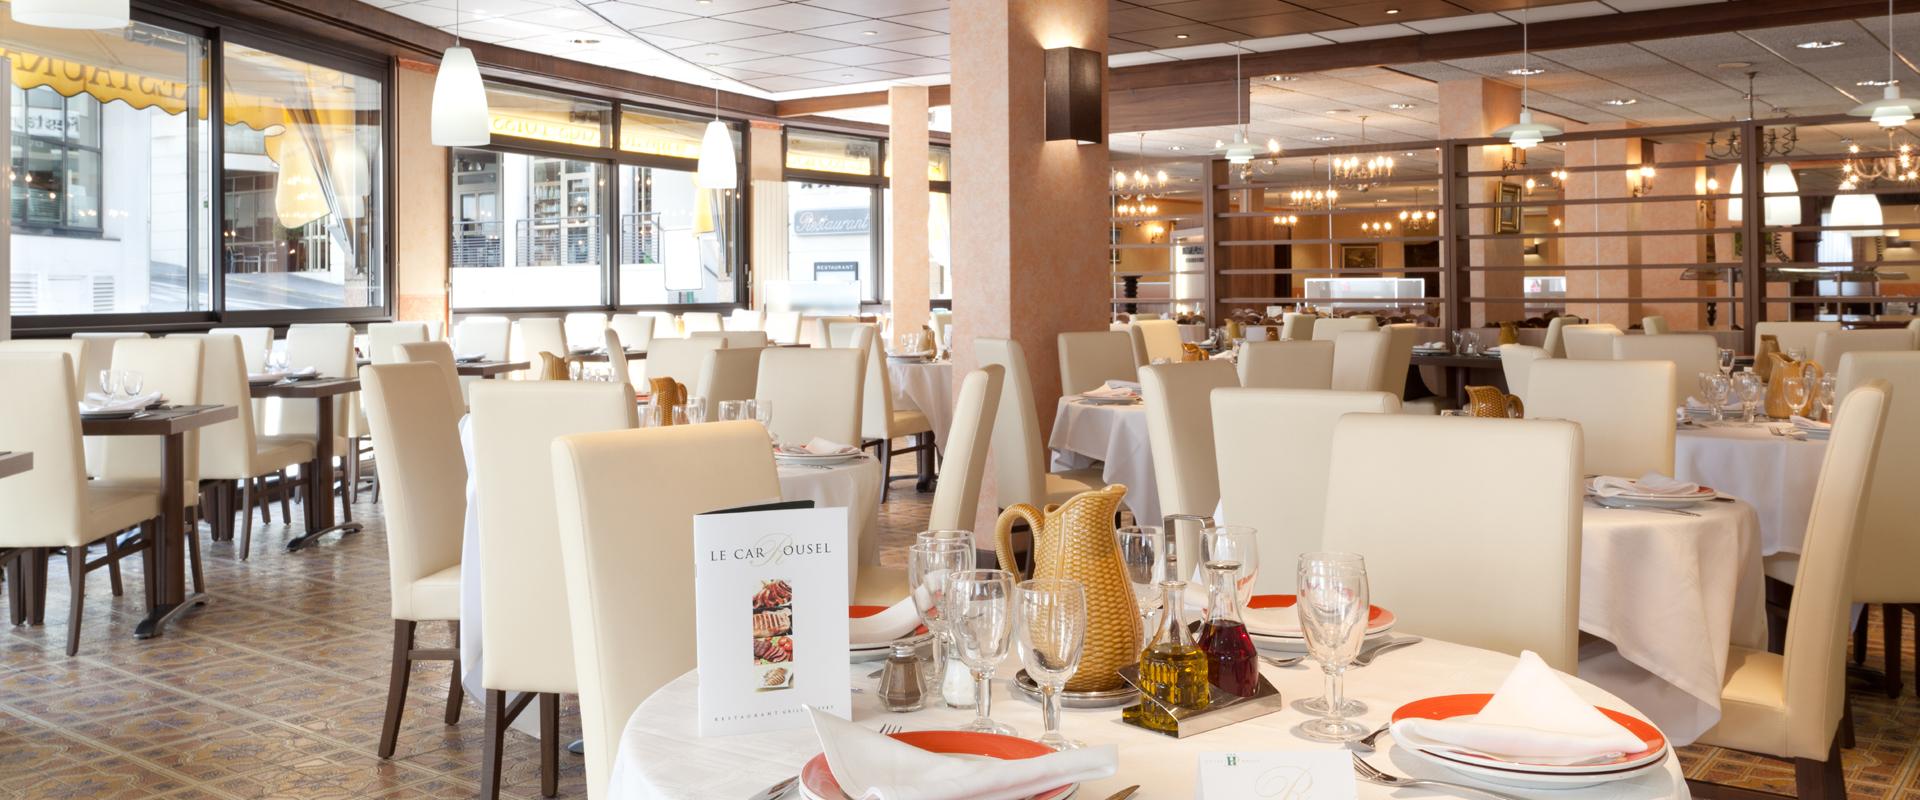 Hotel Lourdes Restaurant